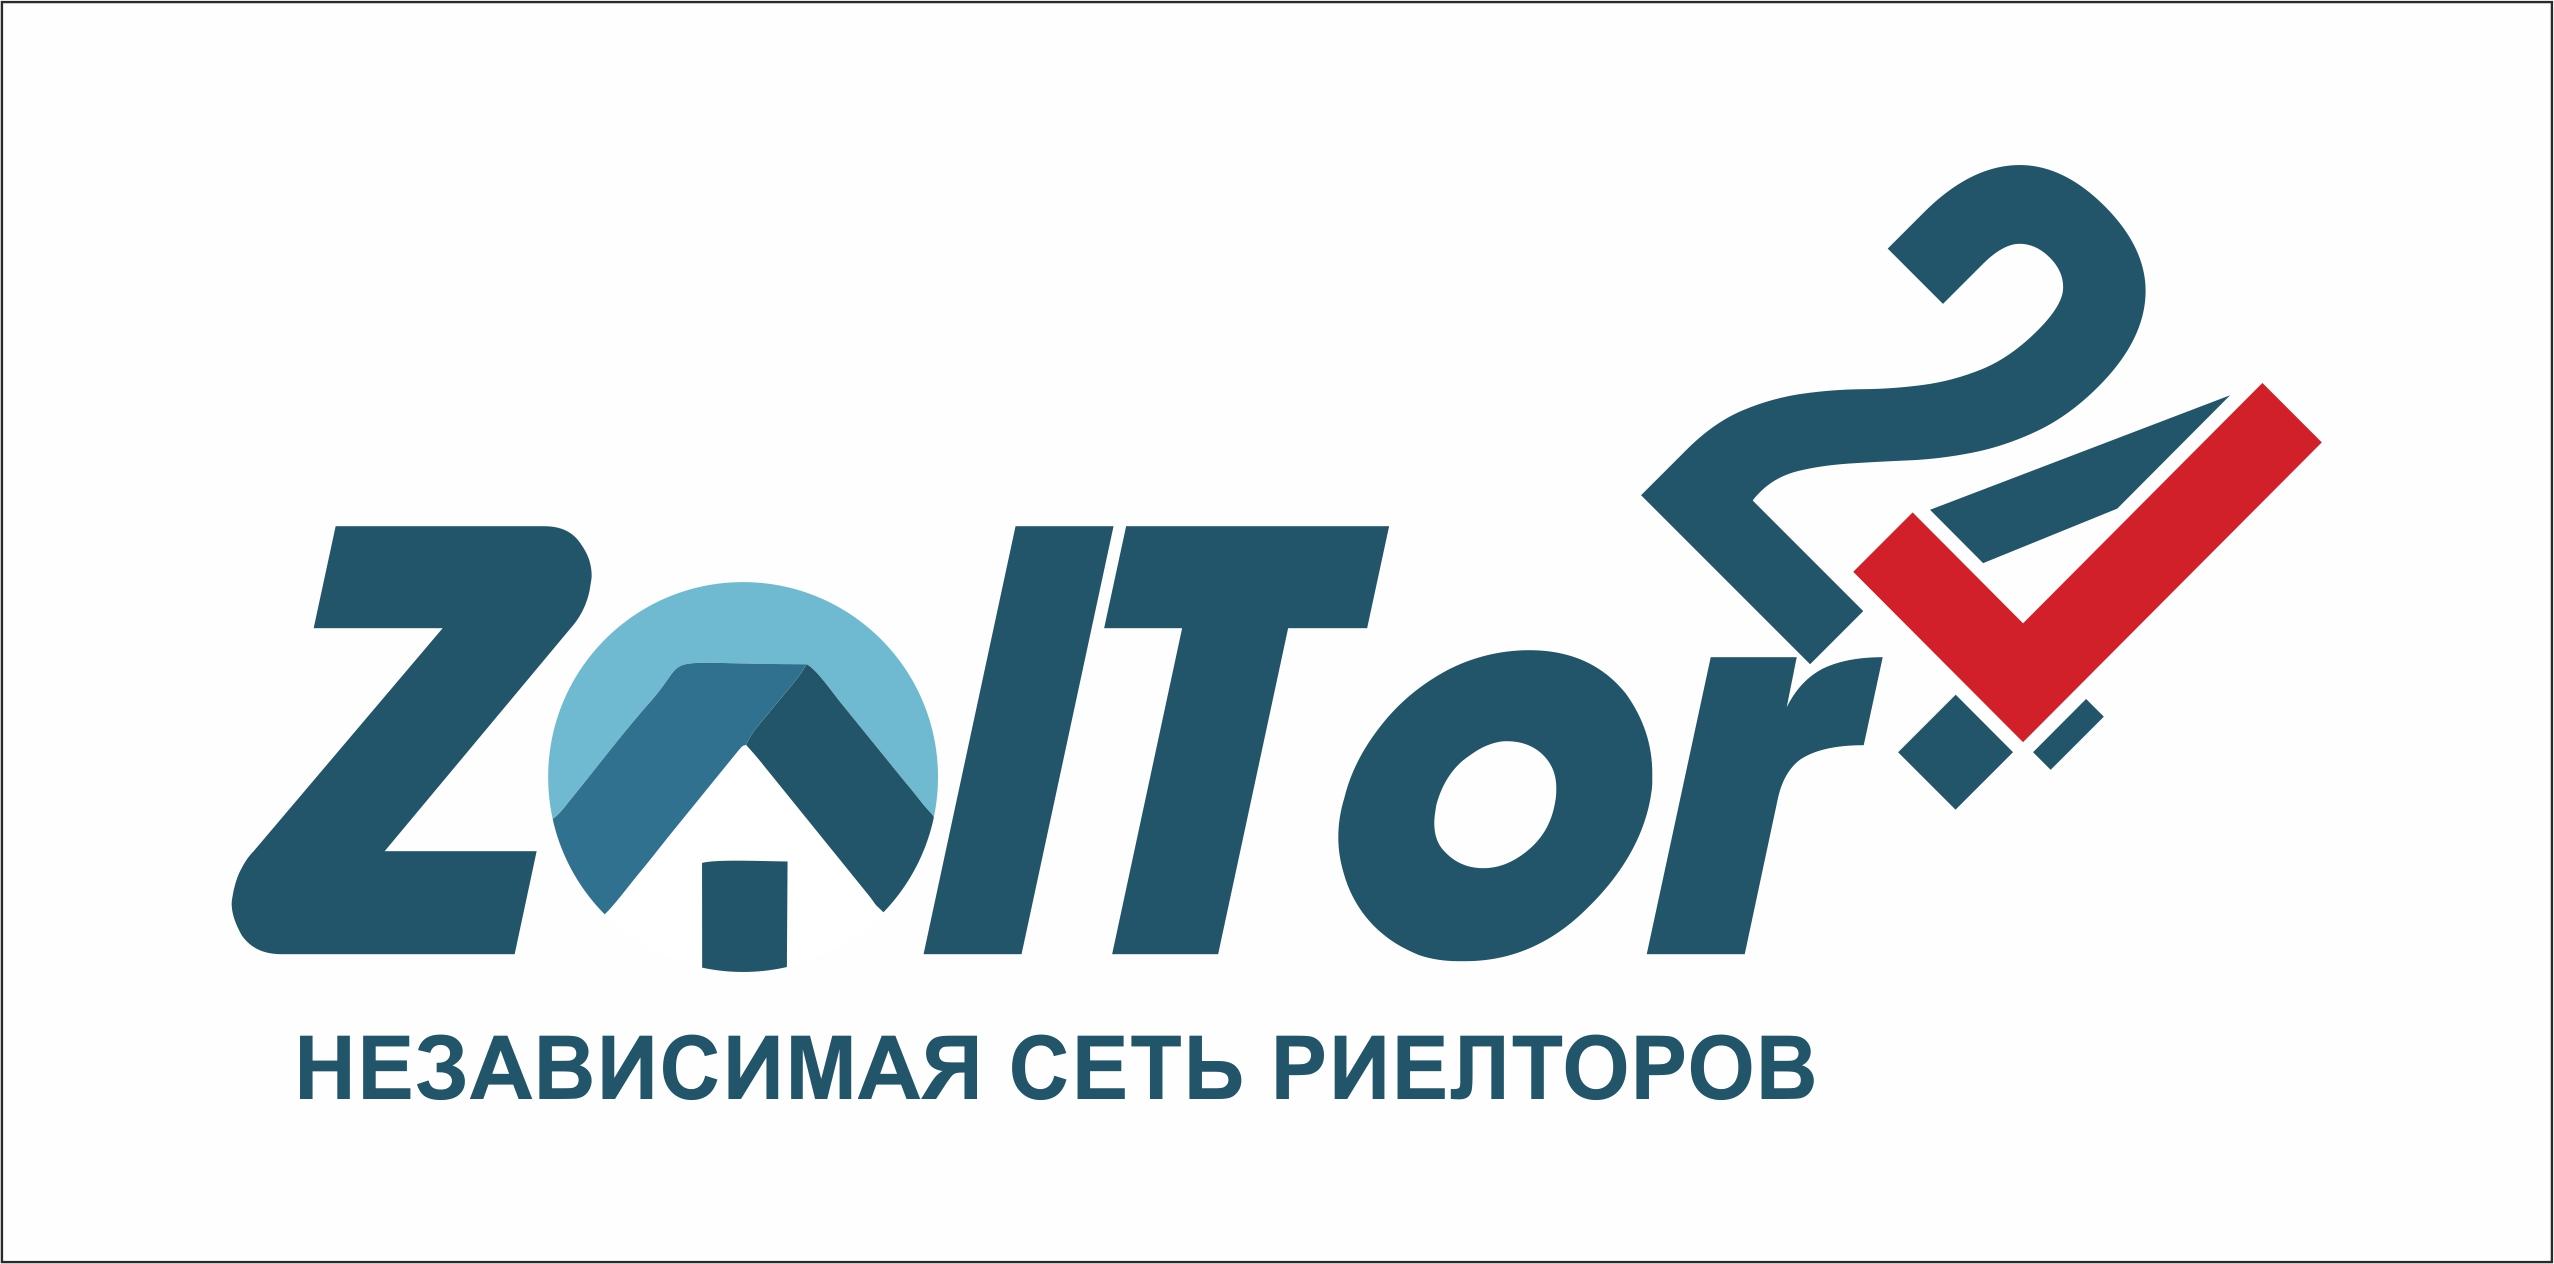 Логотип и фирменный стиль ZolTor24 фото f_9135c961bd59155d.jpg